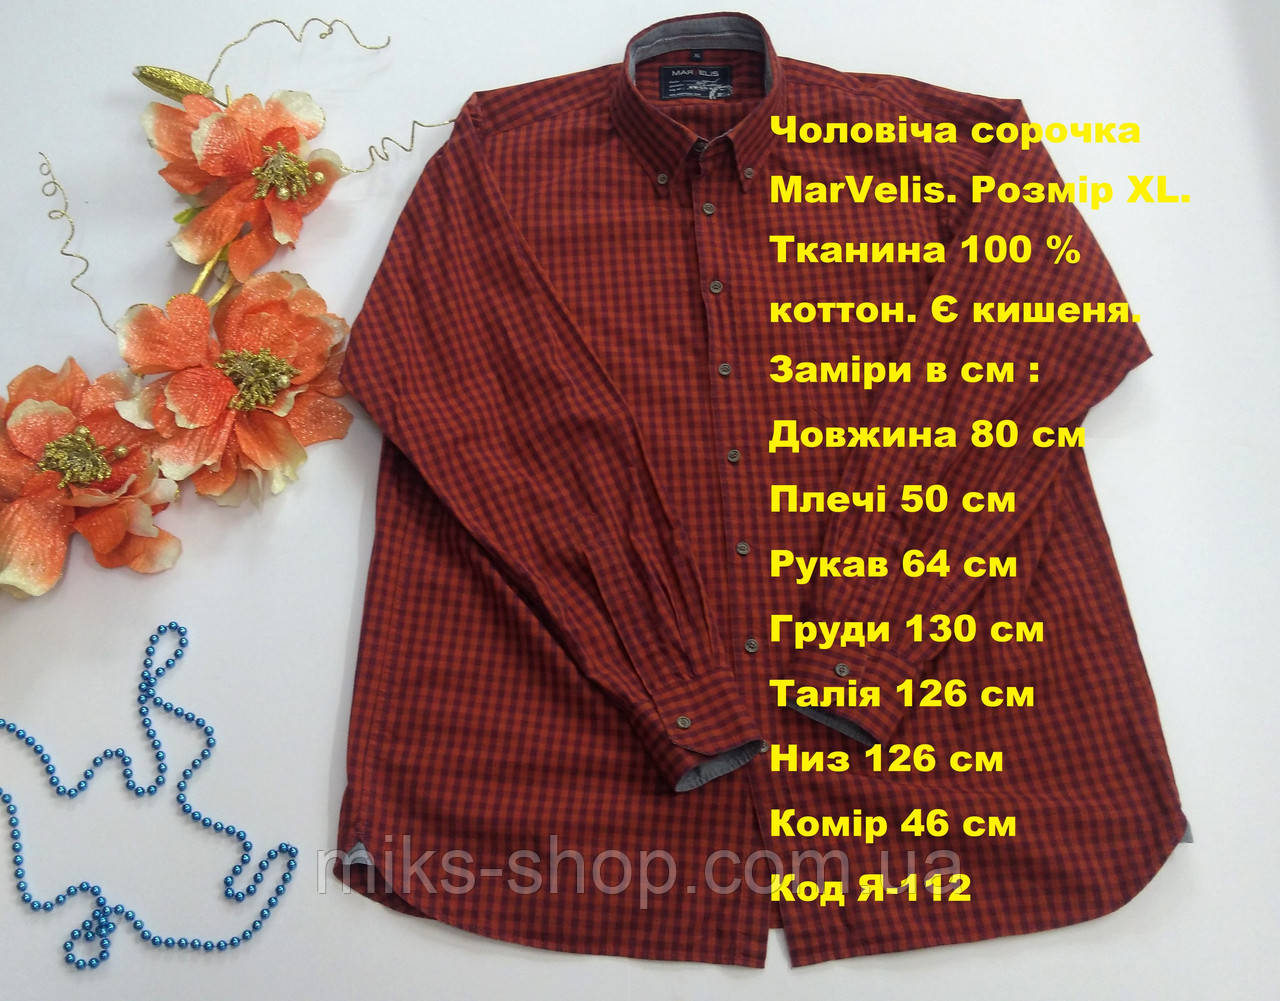 Мужская рубашка Размер XL Ткань 100% коттон